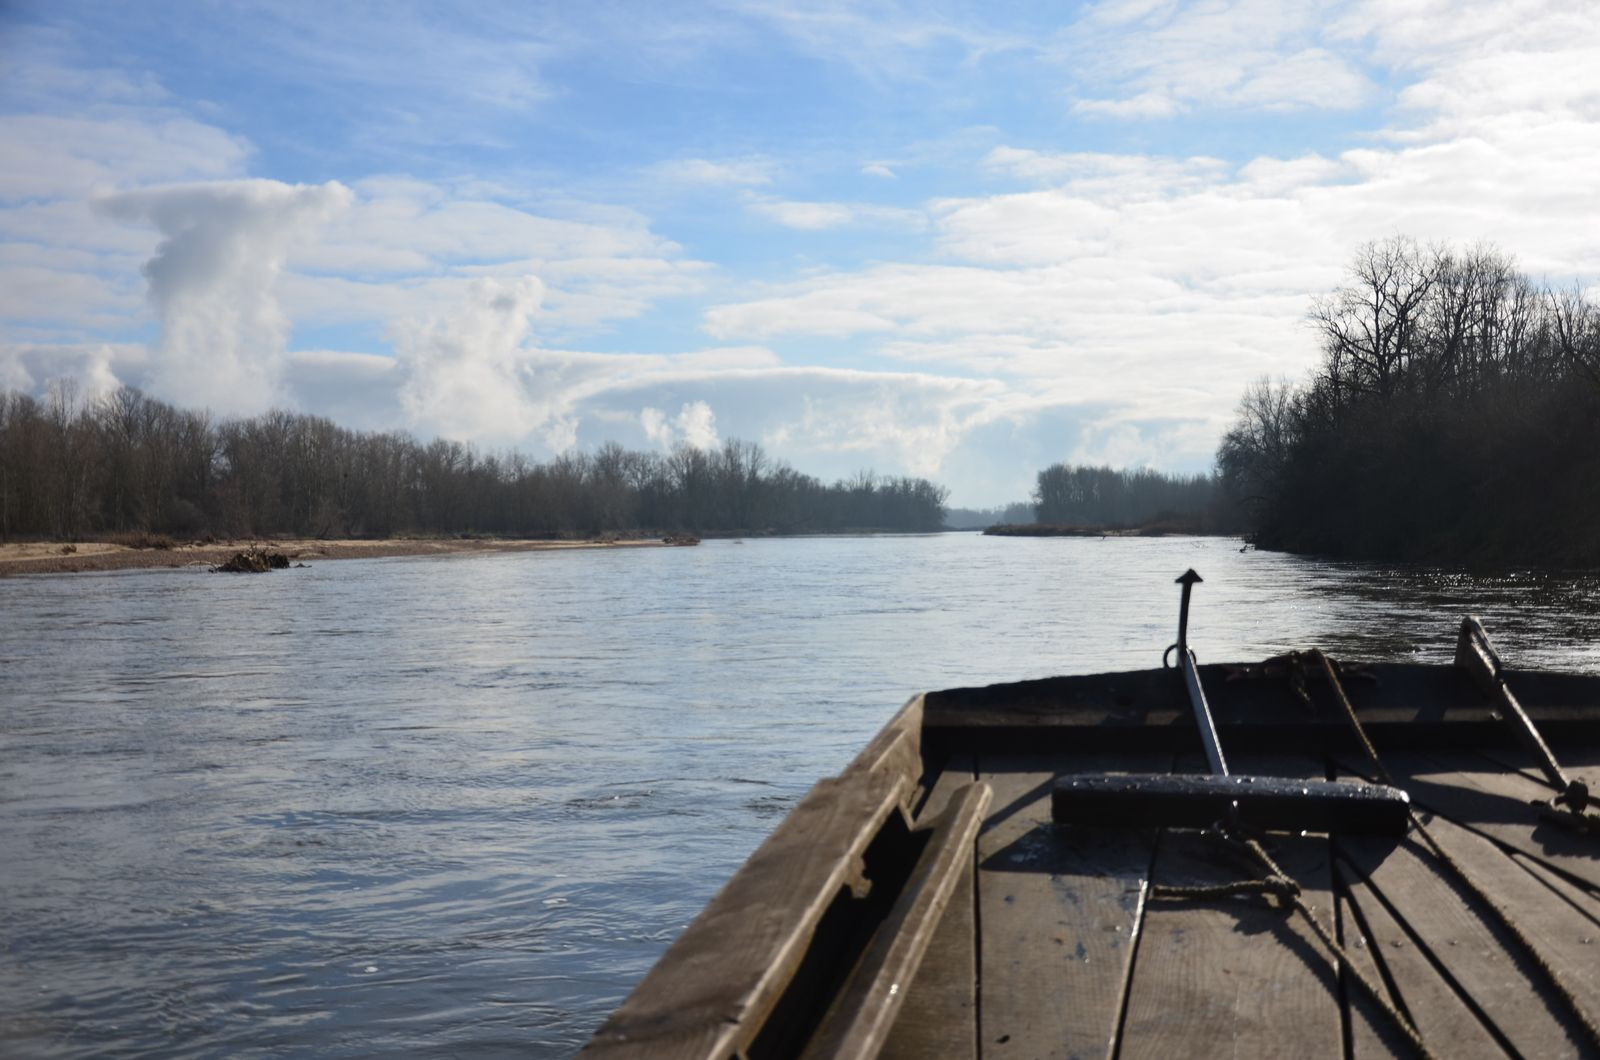 Sur le détroit Villeneuve / Moulins : la rivière change totalement d'allure, les vertes prairies de bordures sont remplacées par une dense ripisylve beaucoup moins attachante apportant une grande mélancolie à ce segment de rivière